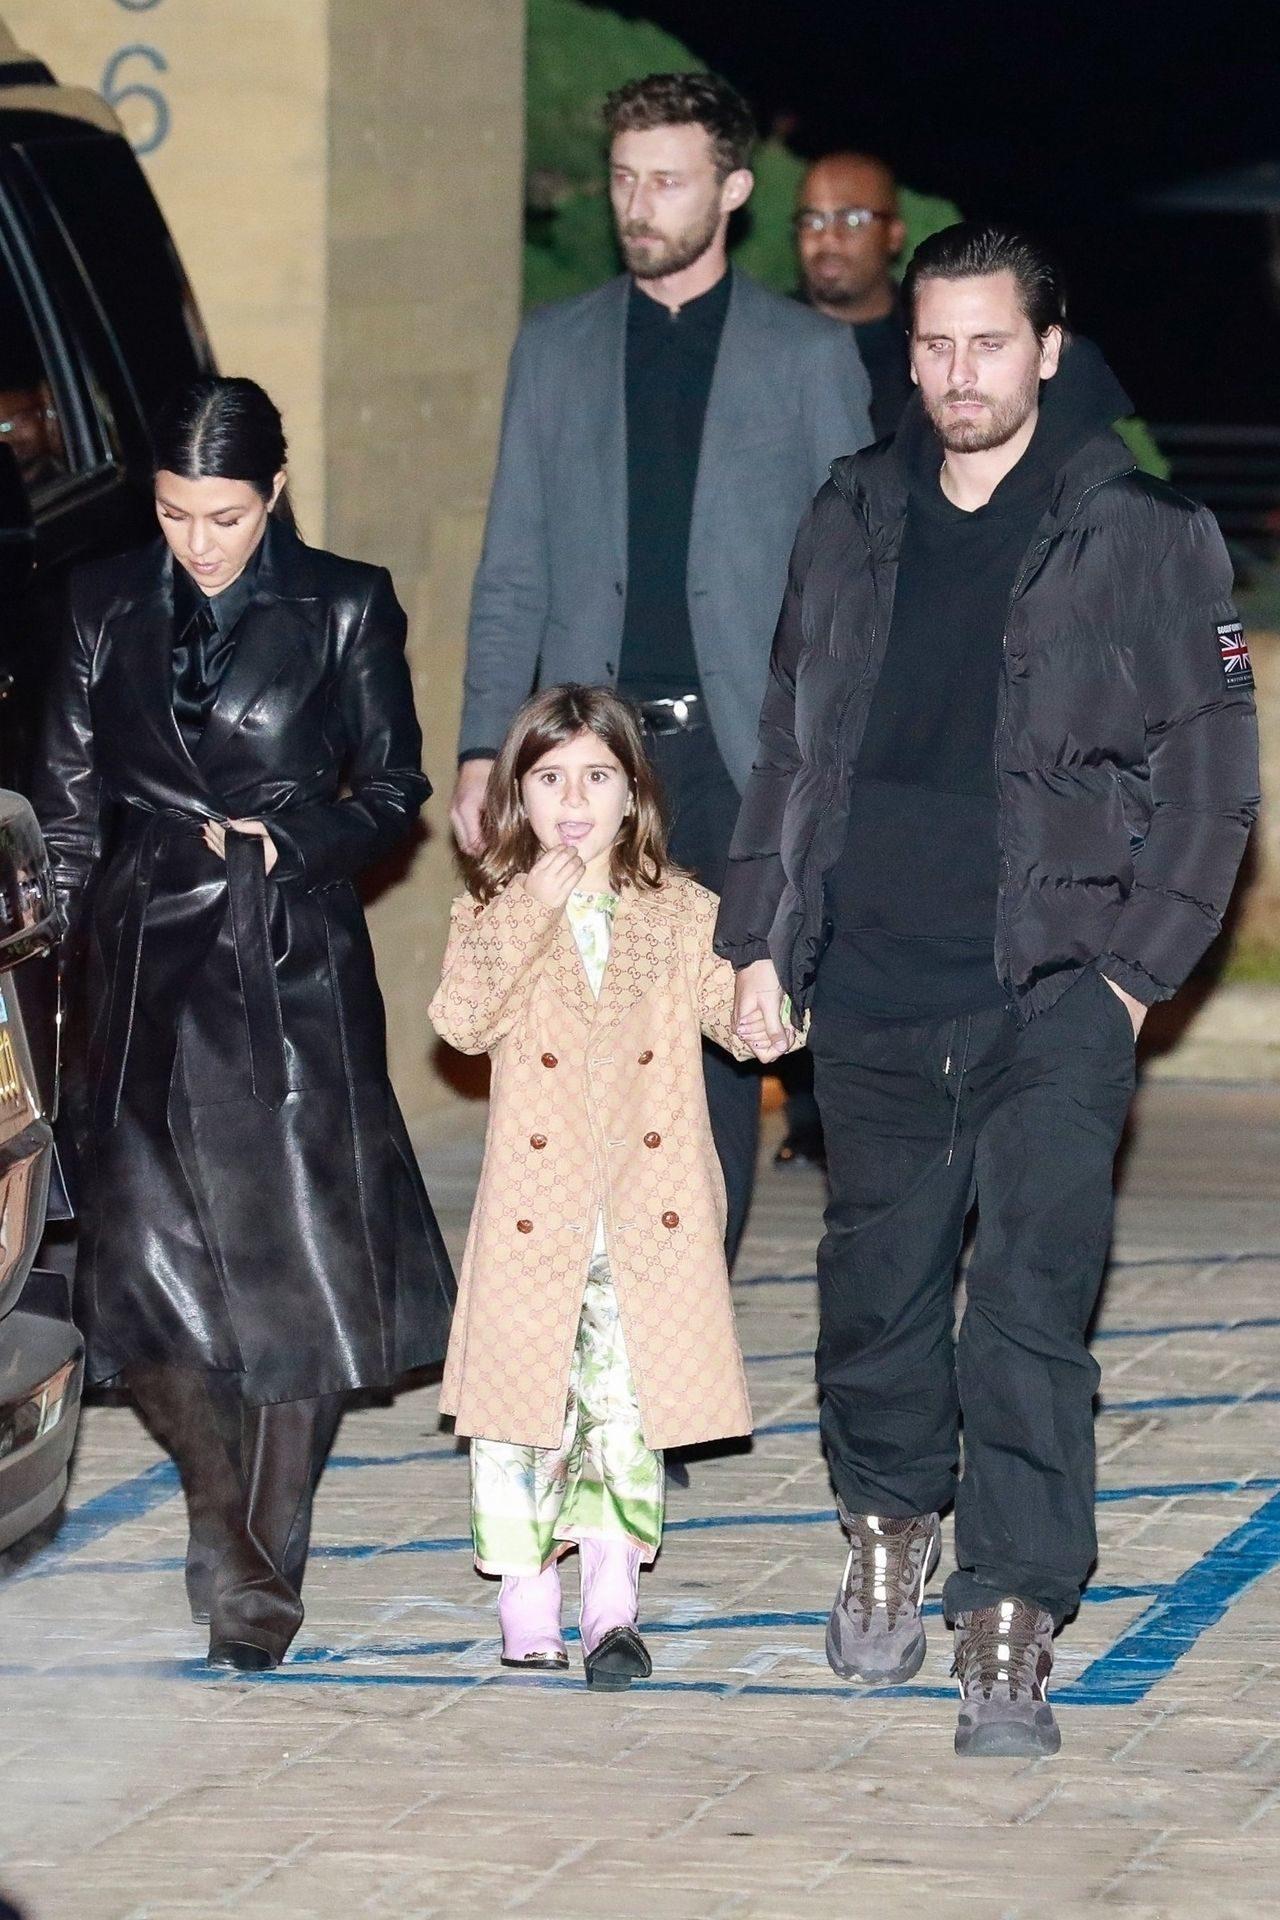 Penelope Disick razem z Kourtney i Scottem wychodzą z restauracji.